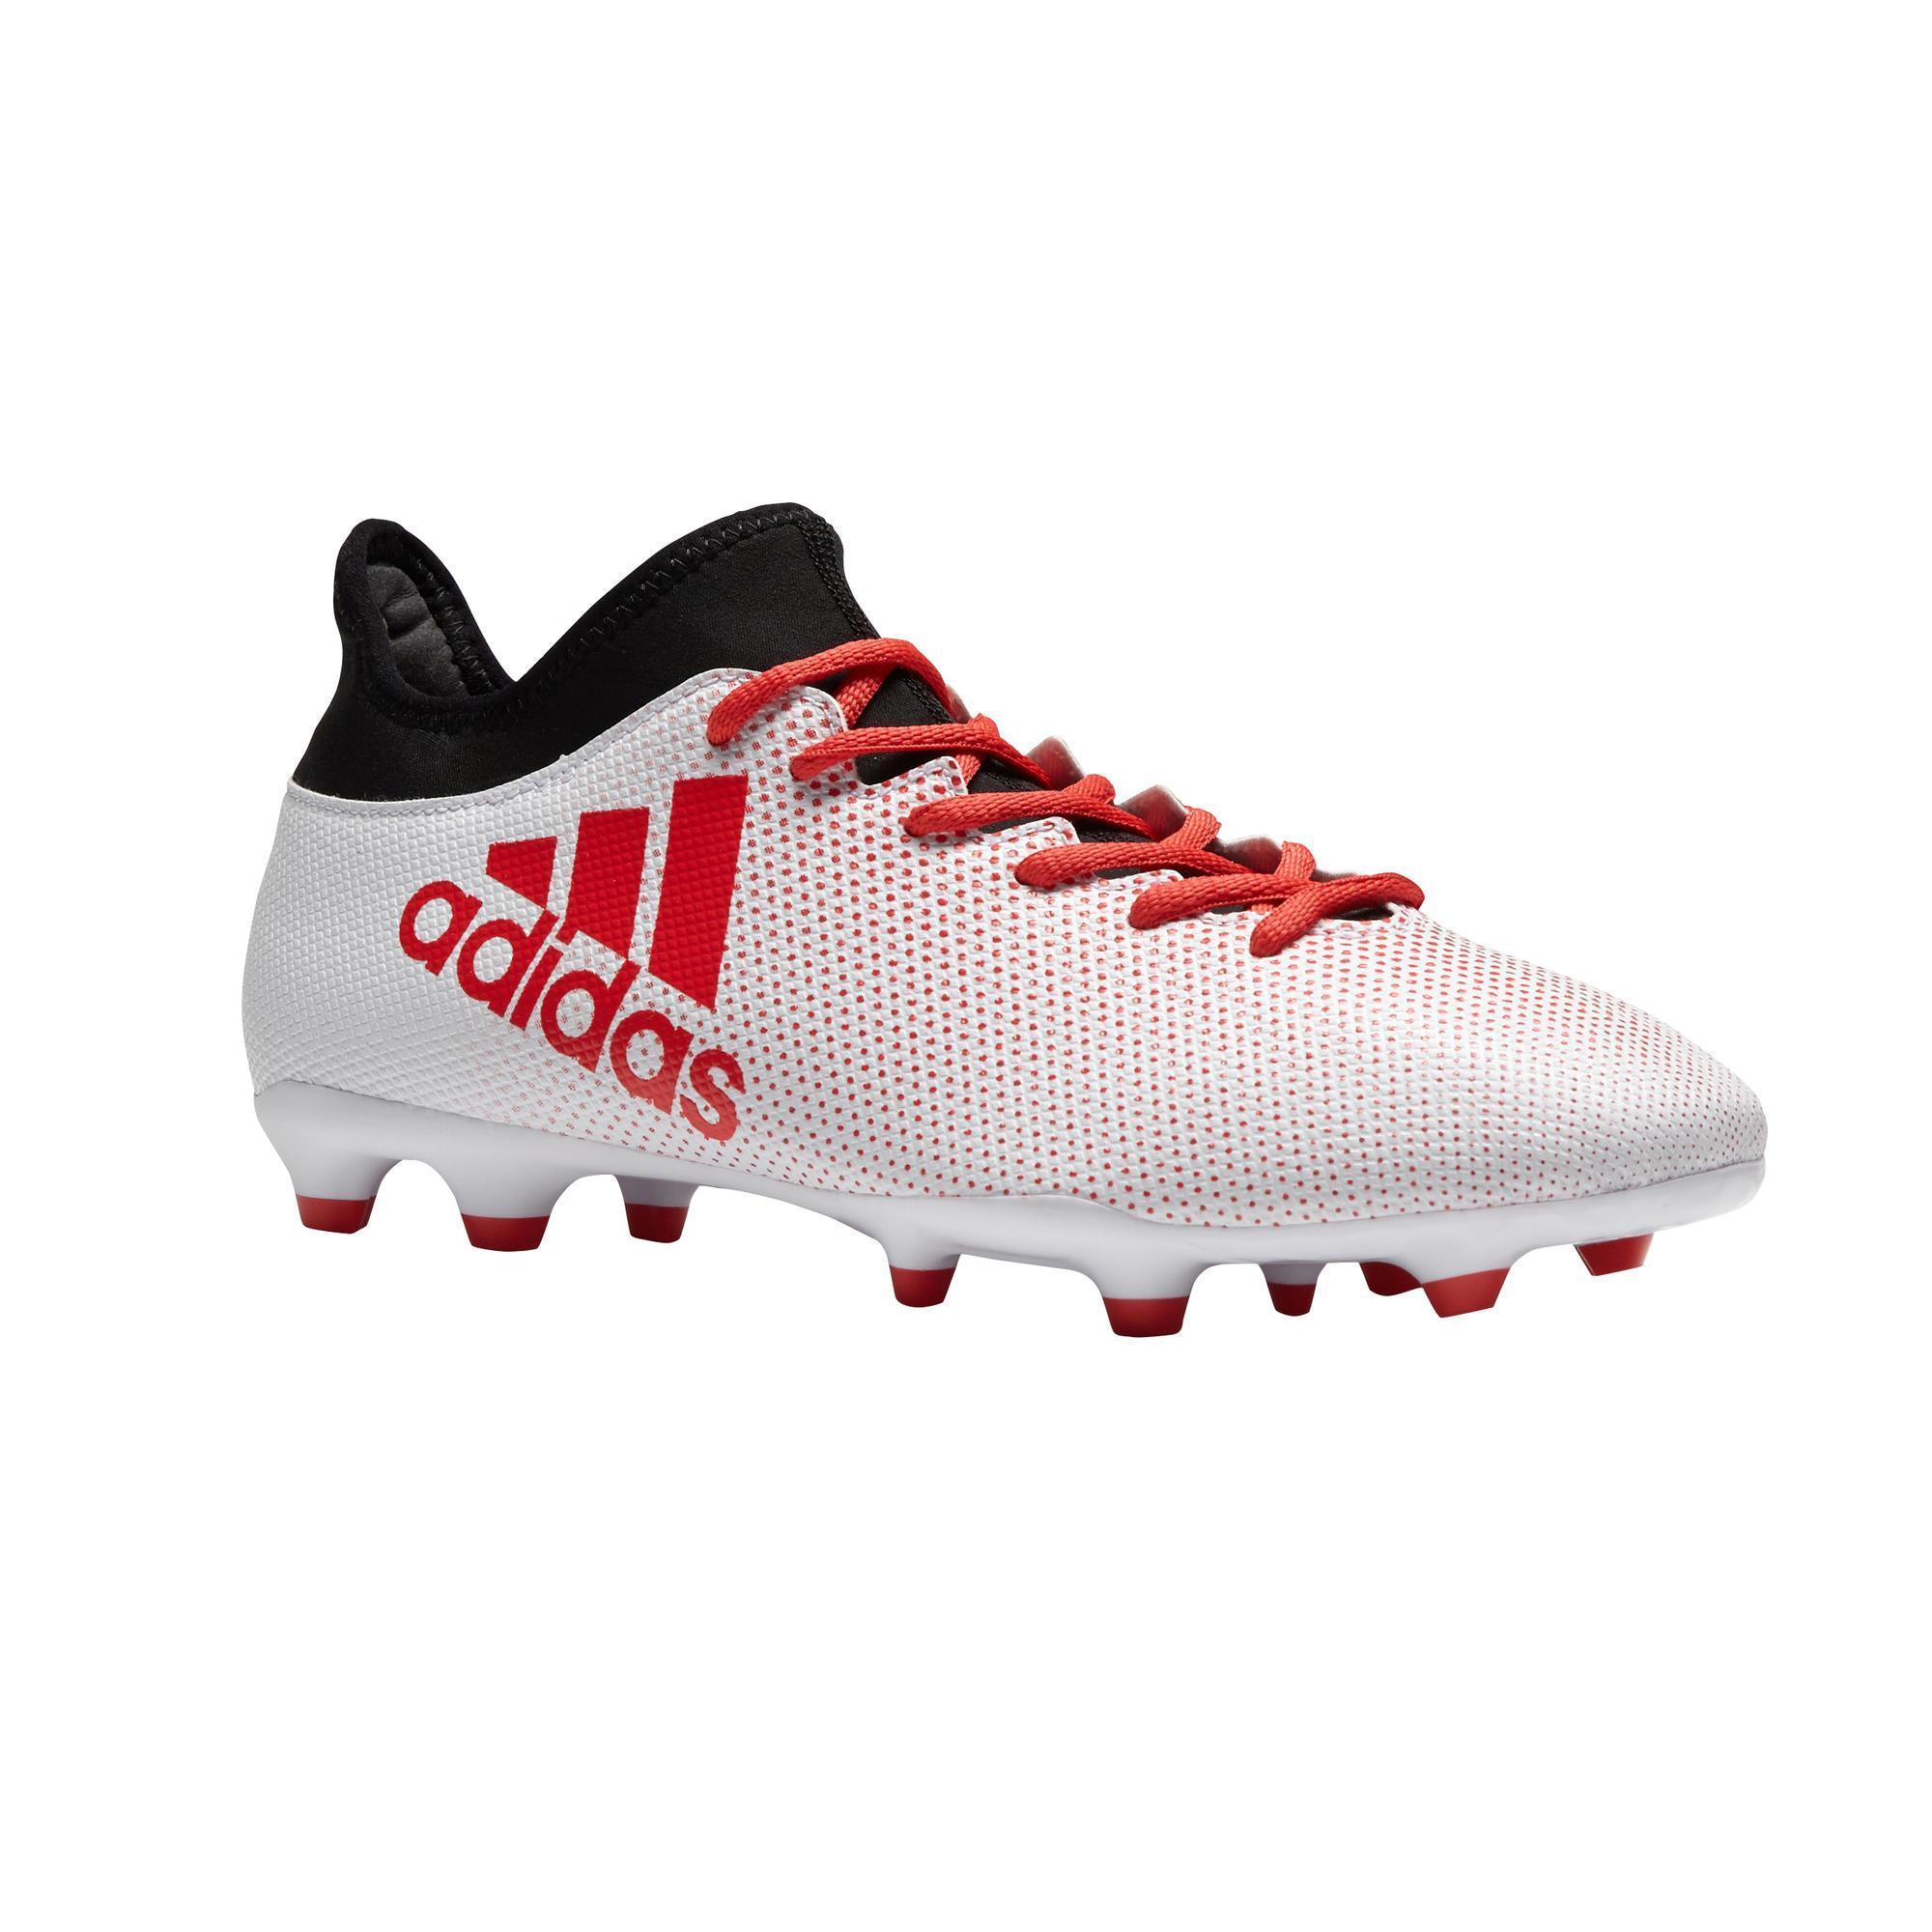 Adidas Voetbalschoenen volwassenen X 17.3 FG wit